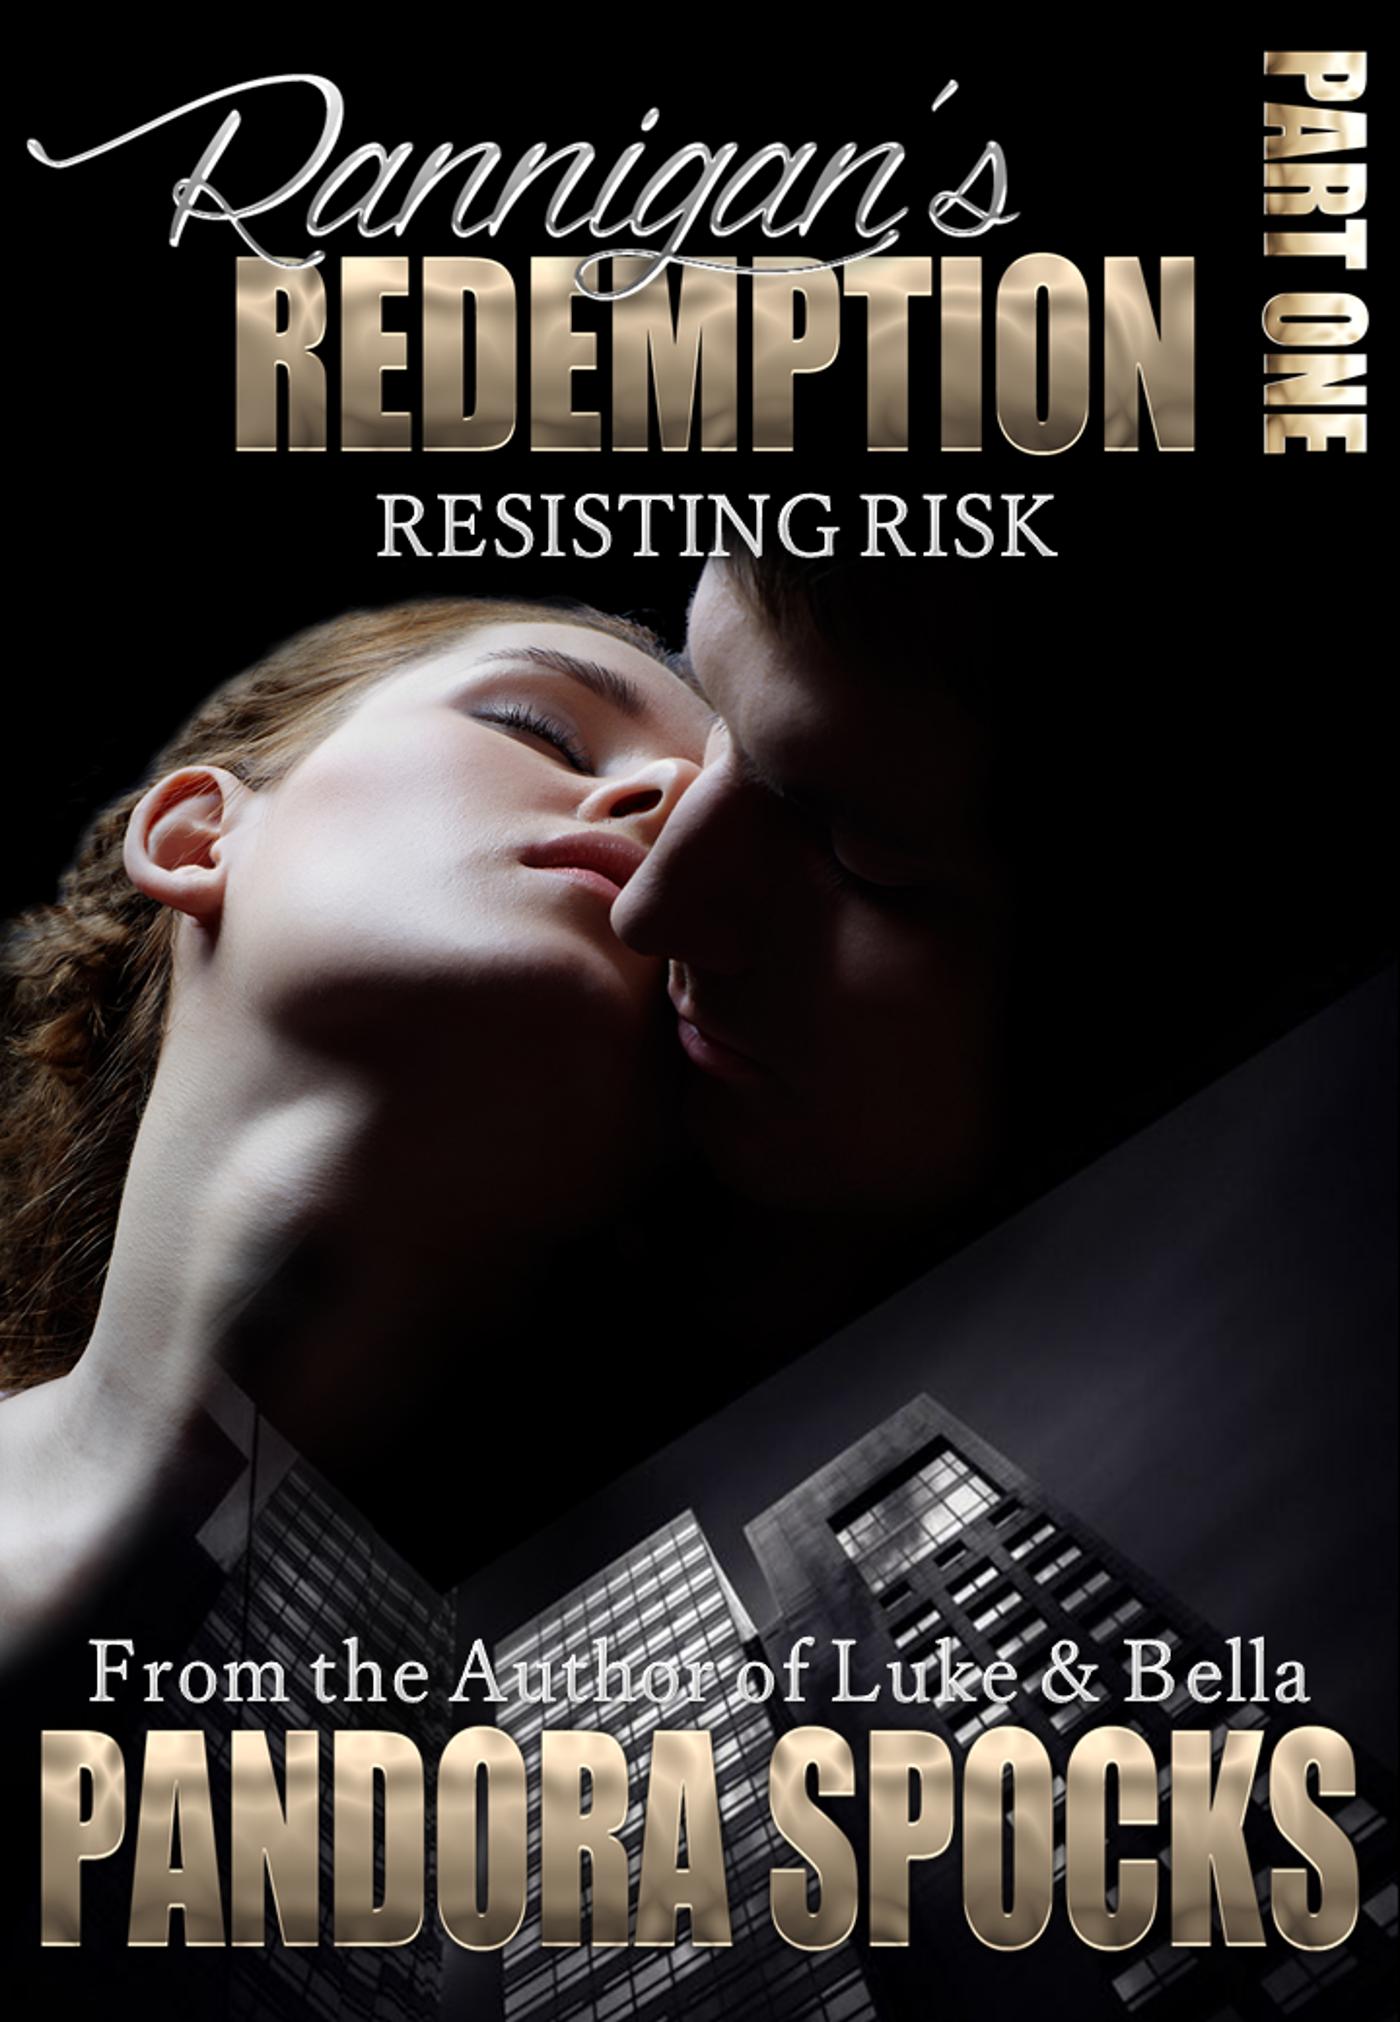 Resisting Risk Cover - Copy